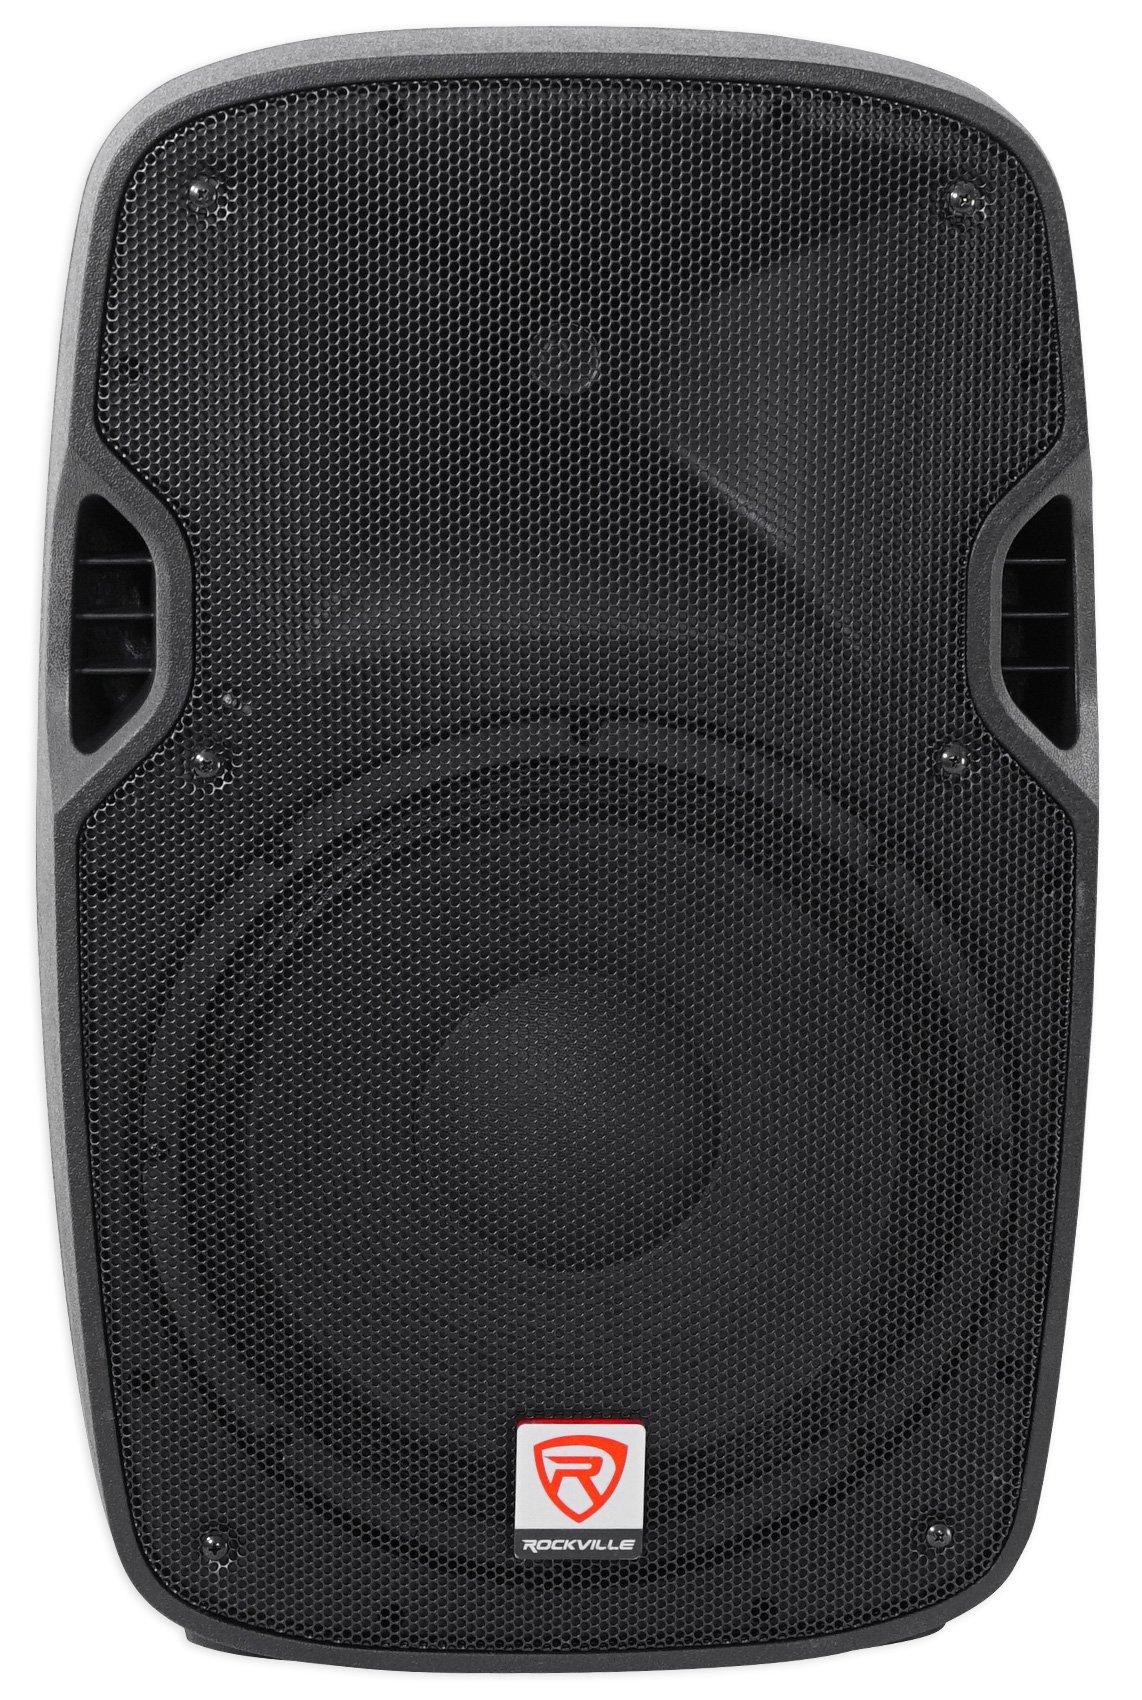 Rockville SPGN128 12'' Passive 1200W DJ PA Speaker ABS Lightweight Cabinet 8 Ohm